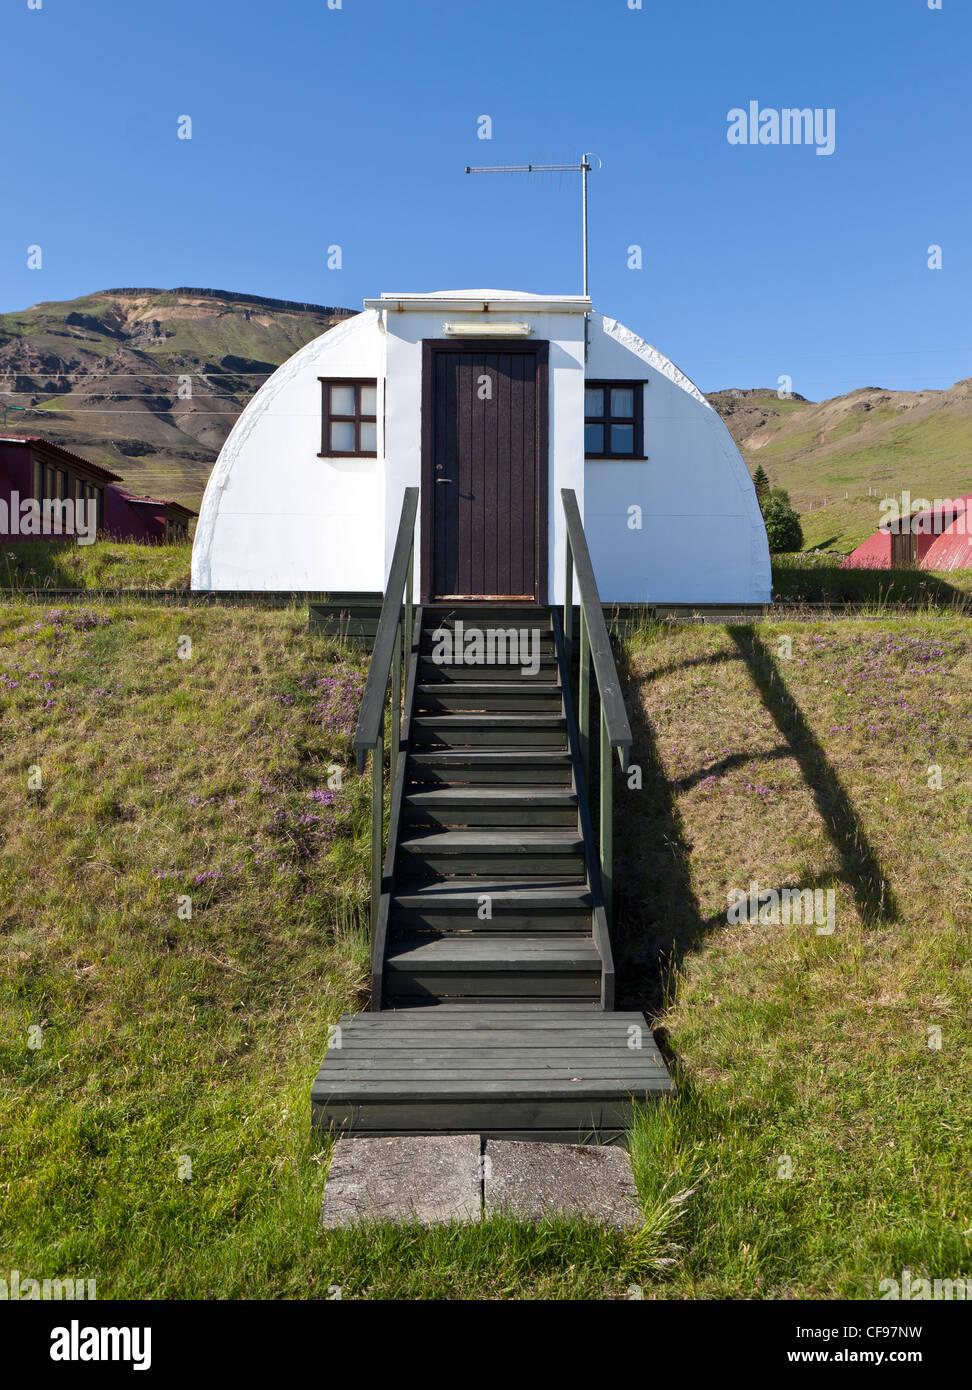 Vecchia caserma militare convertito in estate case, Hvalfjordur, Islanda Immagini Stock